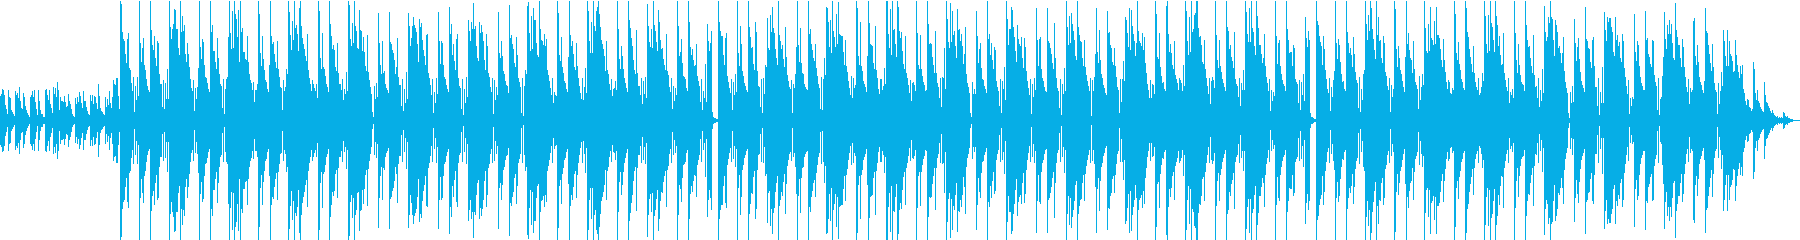 優しい感じのビートの再生済みの波形